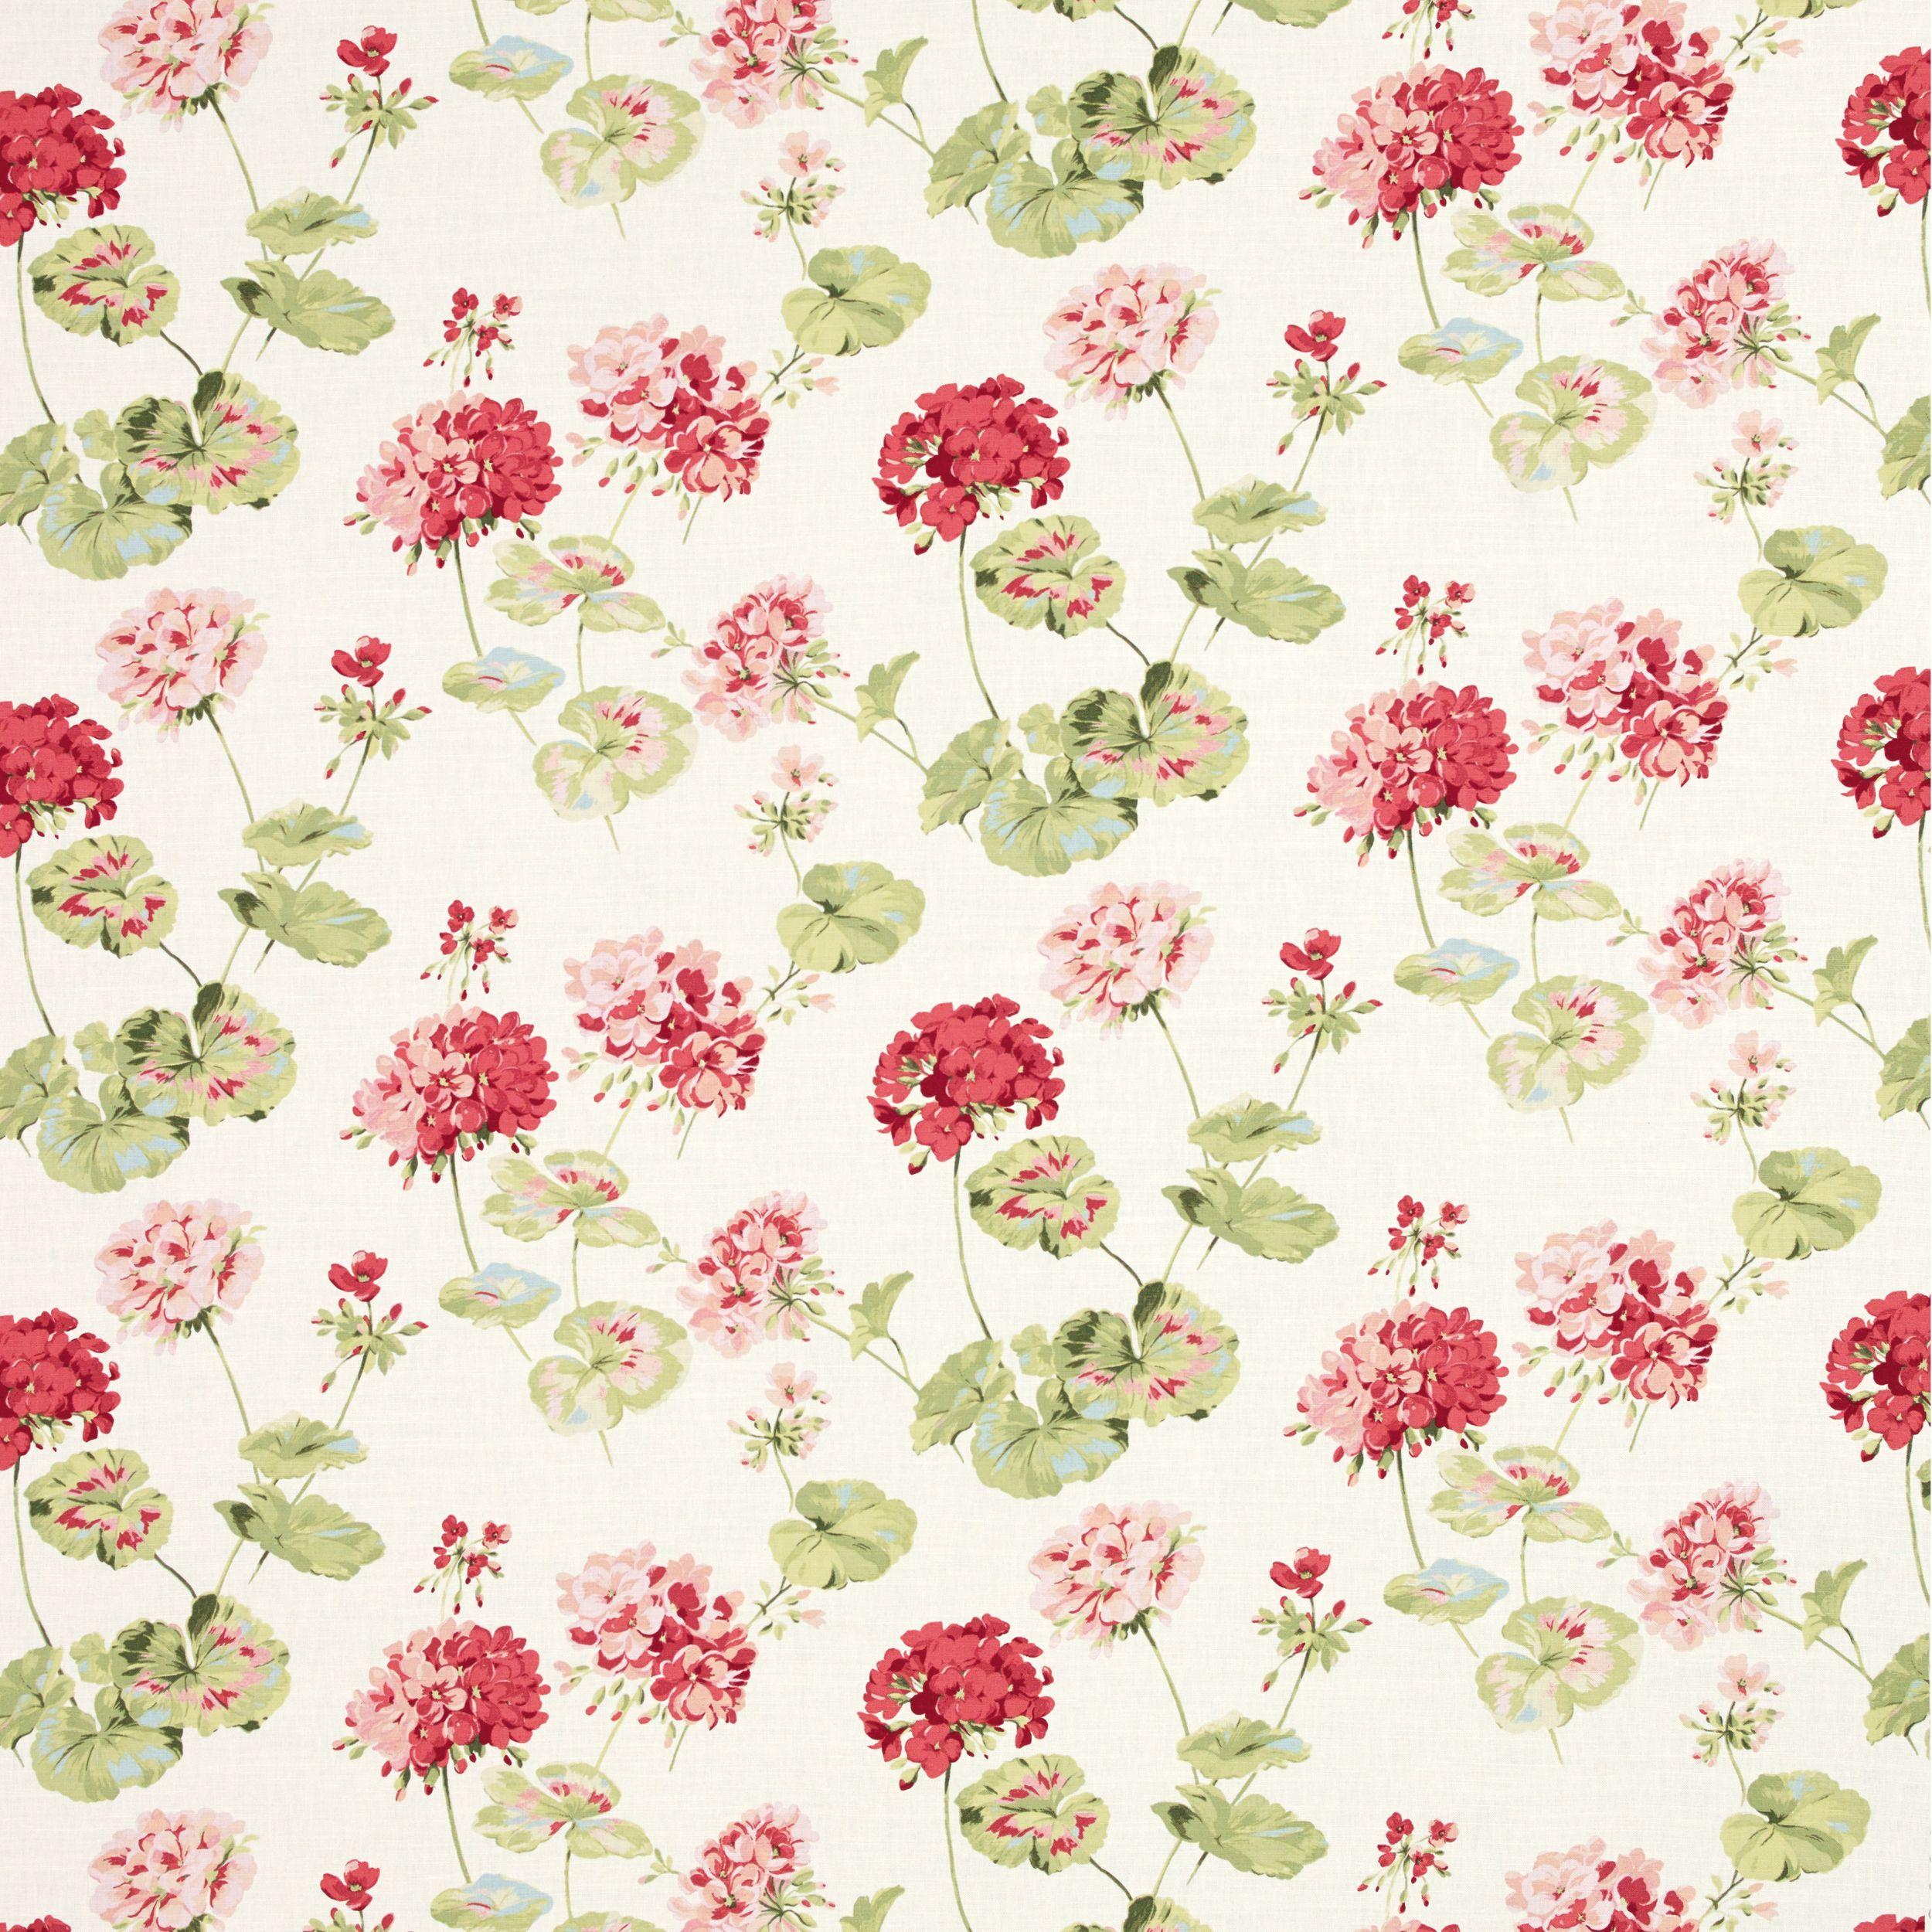 geranuim pale cranberry red linen cotton mix curtain fabric c h i l d pinterest. Black Bedroom Furniture Sets. Home Design Ideas